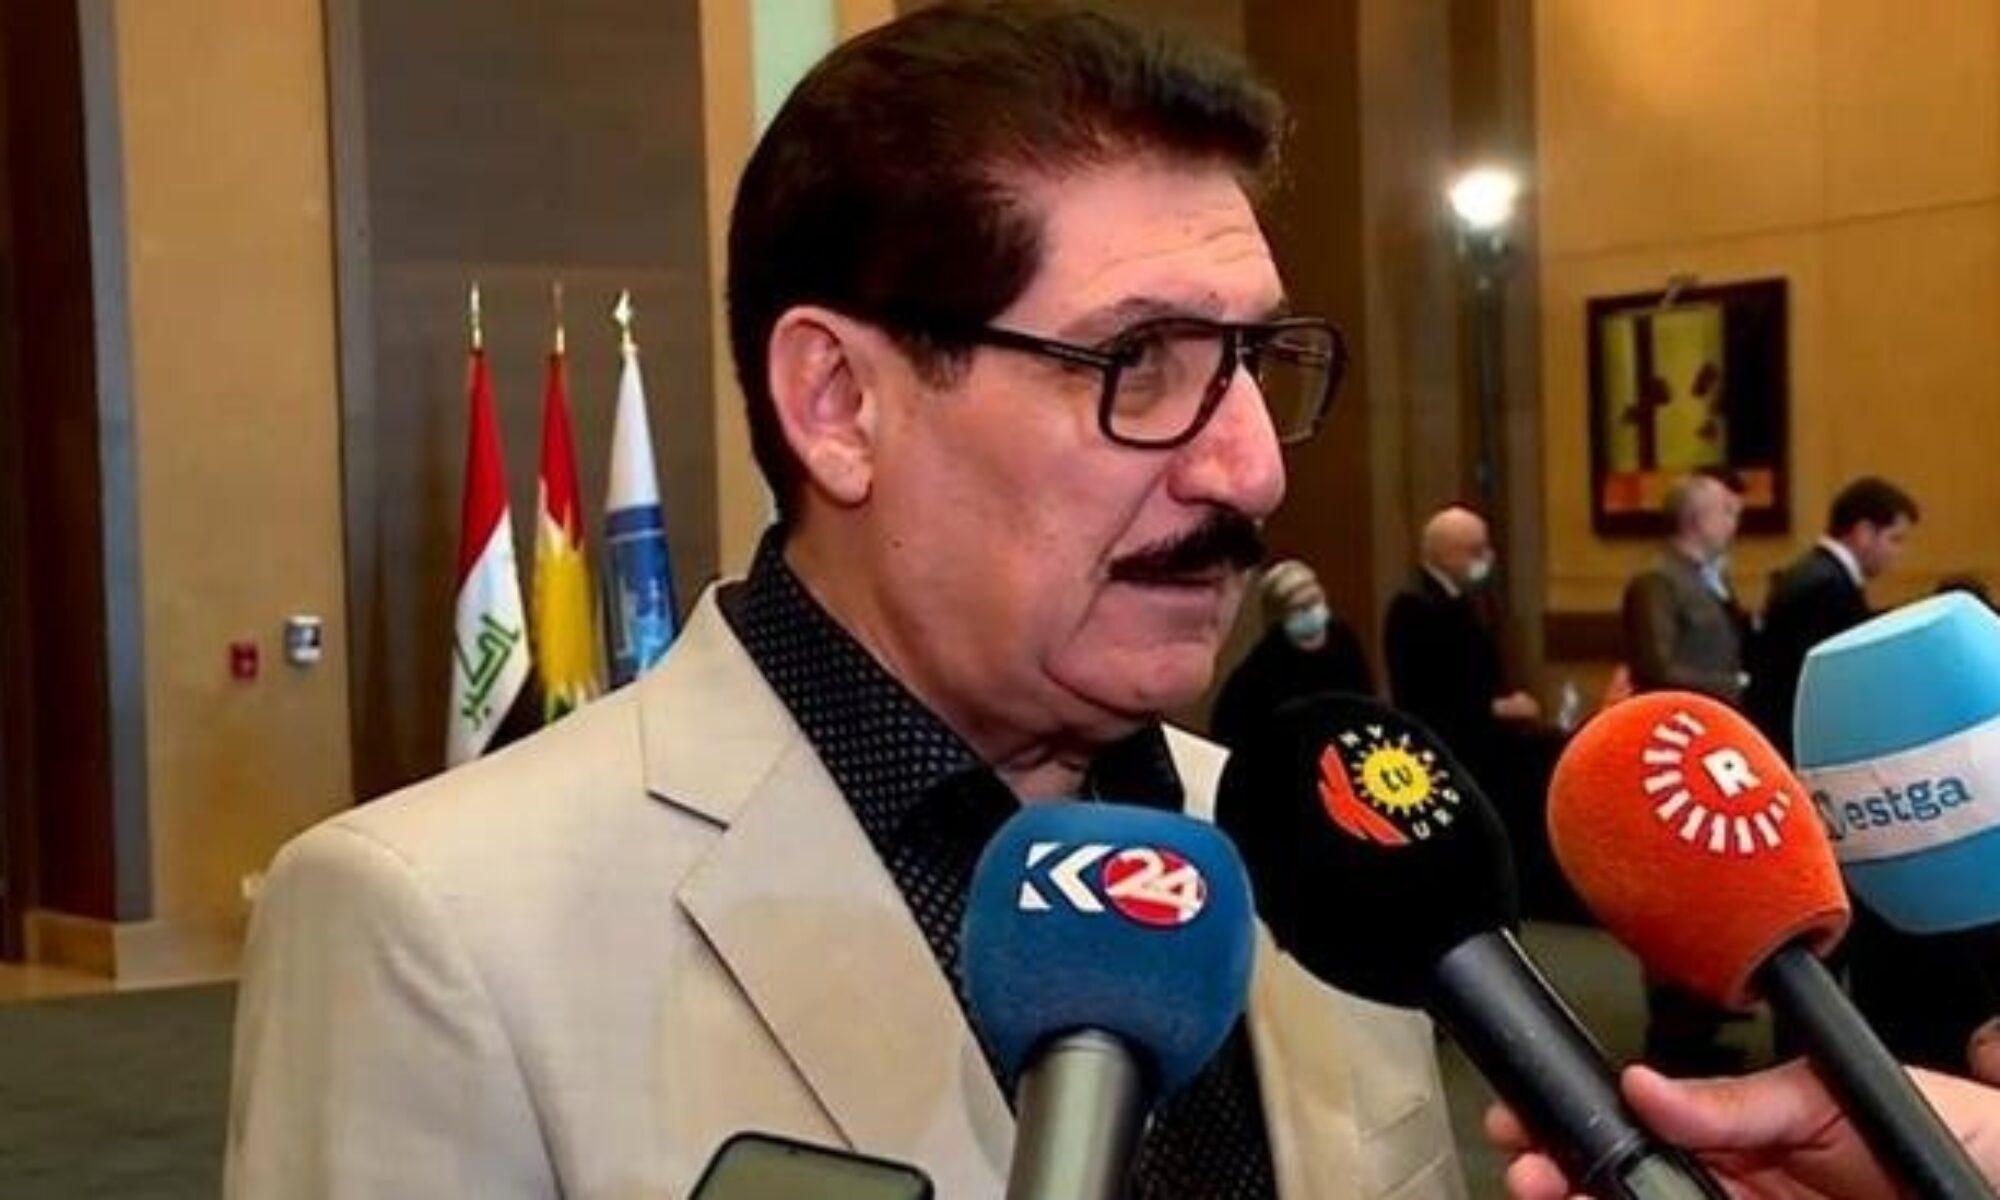 Mirani: Kürdistani bölgelerde Kürtlerin siyasi olarak zayıflatılması için seçim hileleri yapılıyor